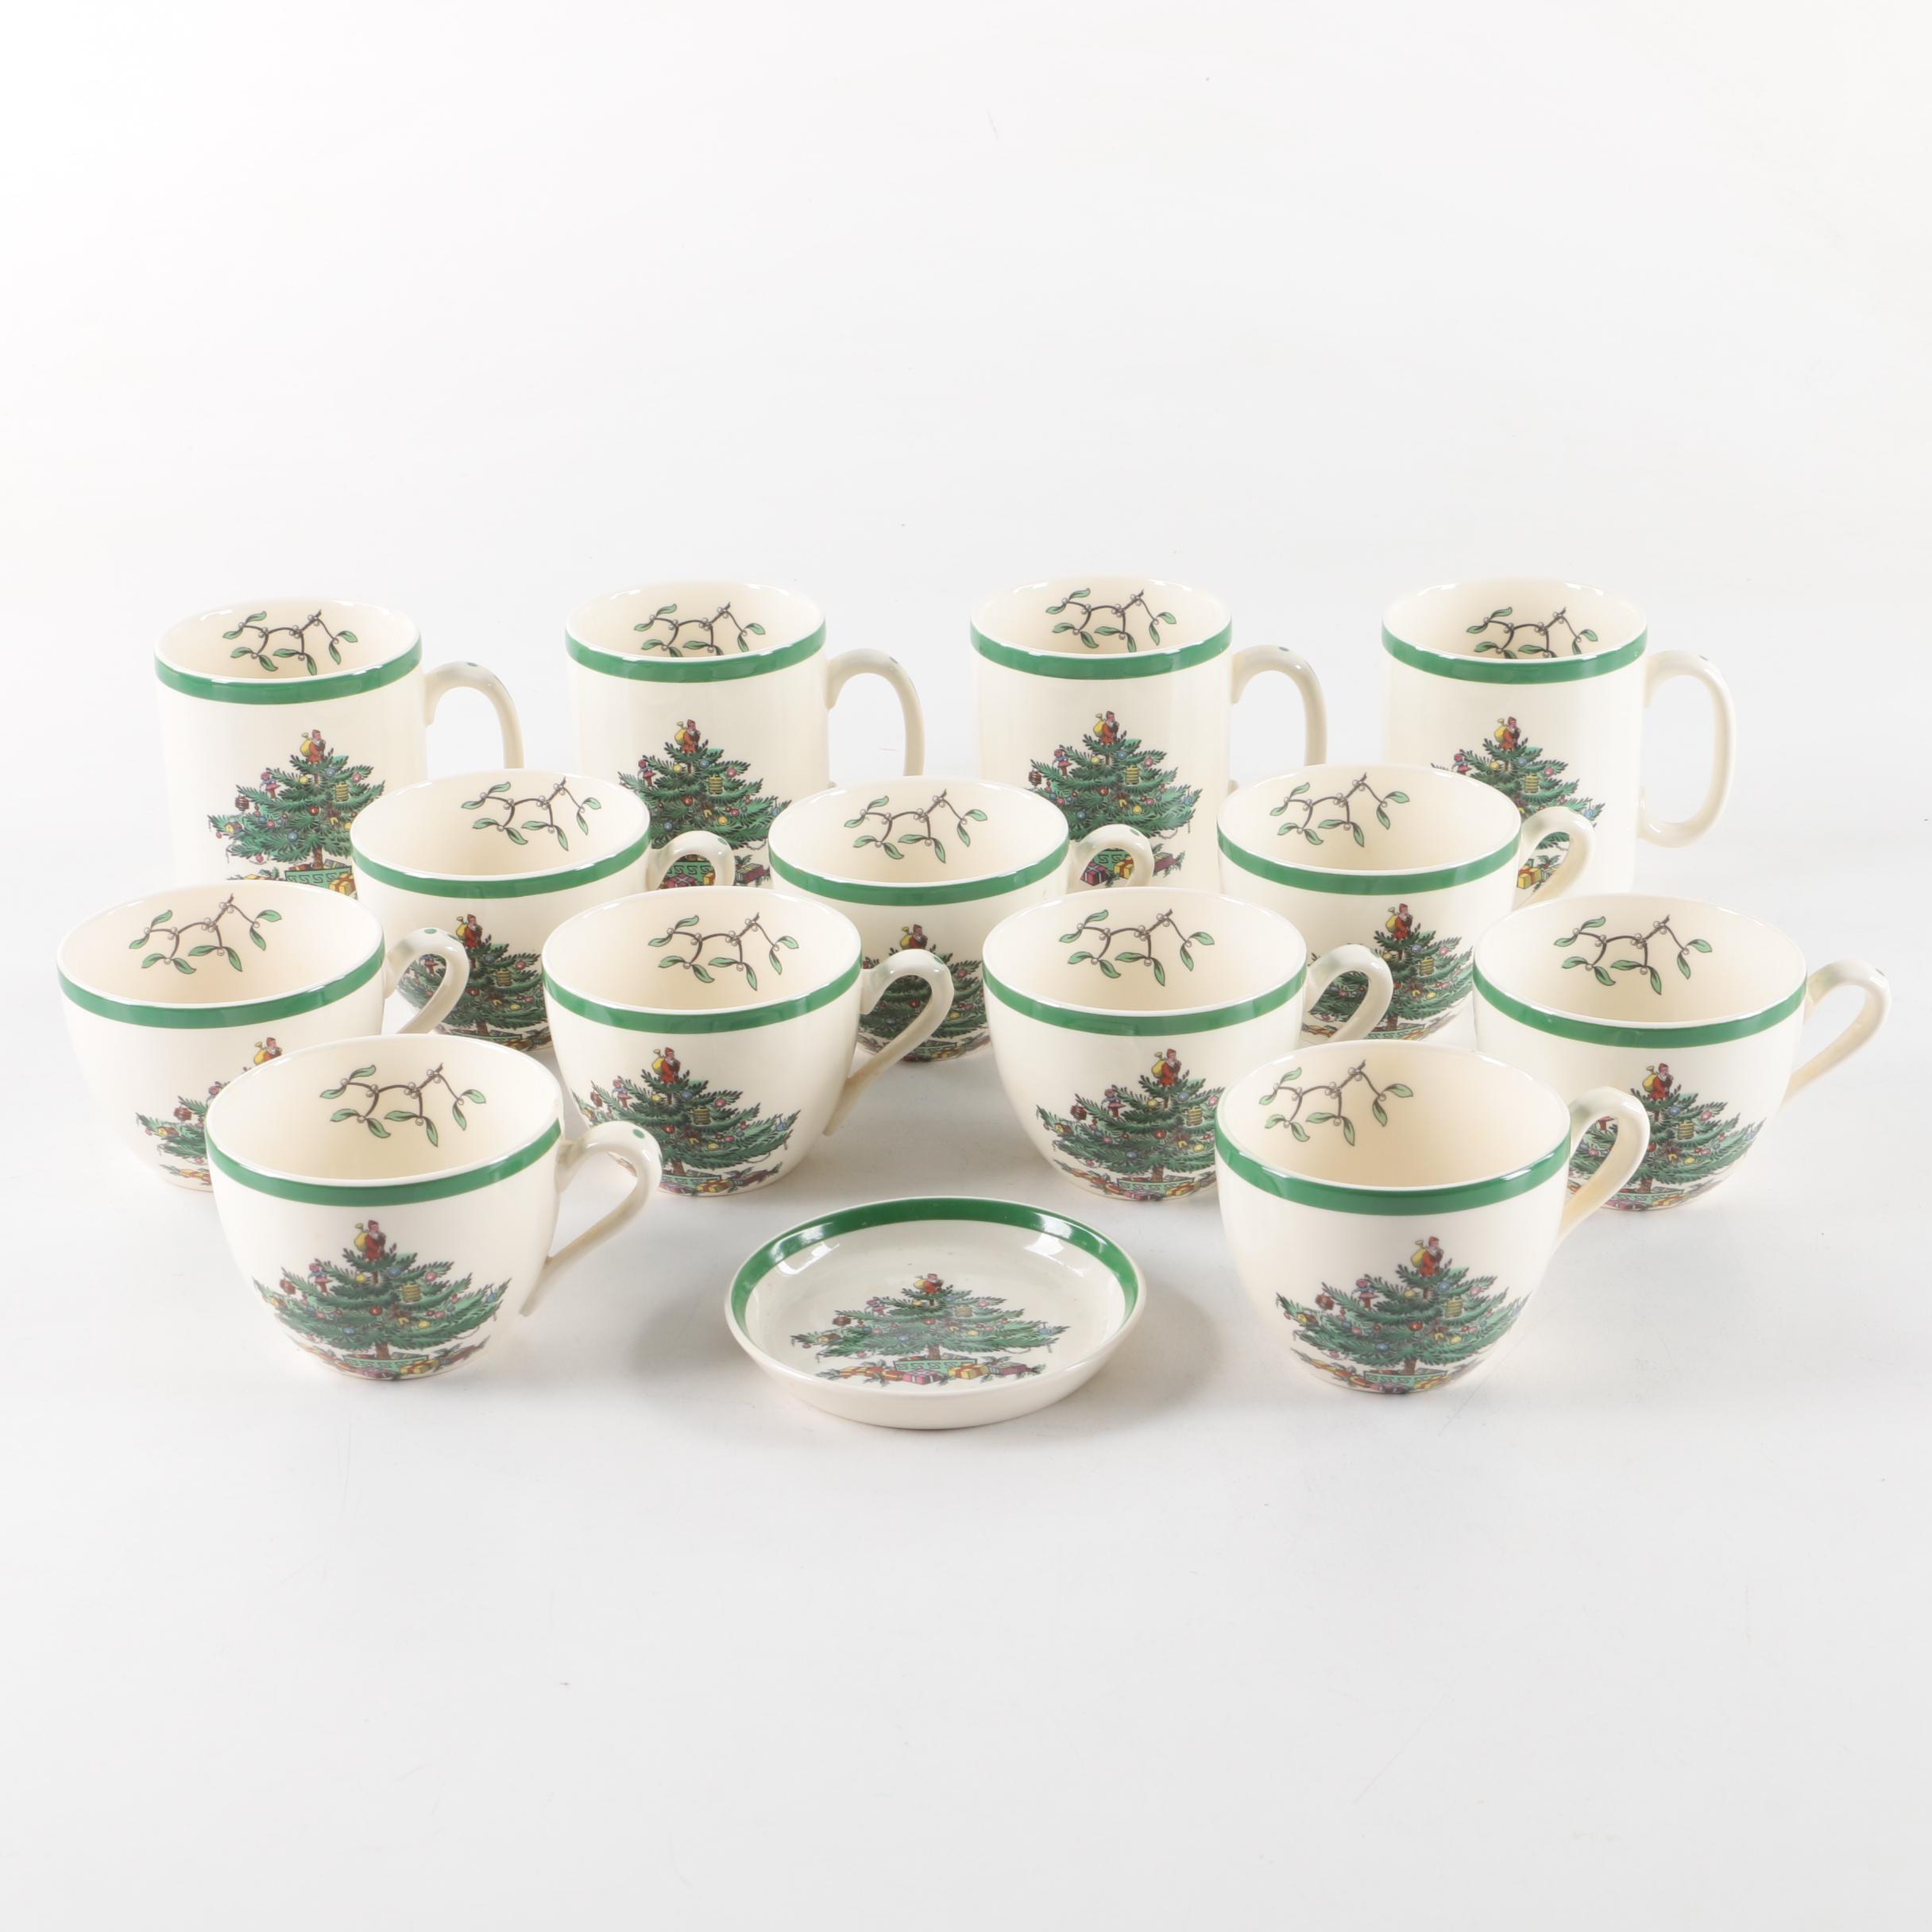 """Spode """"Christmas Tree"""" Teacups, Mugs and Sauce Dish"""